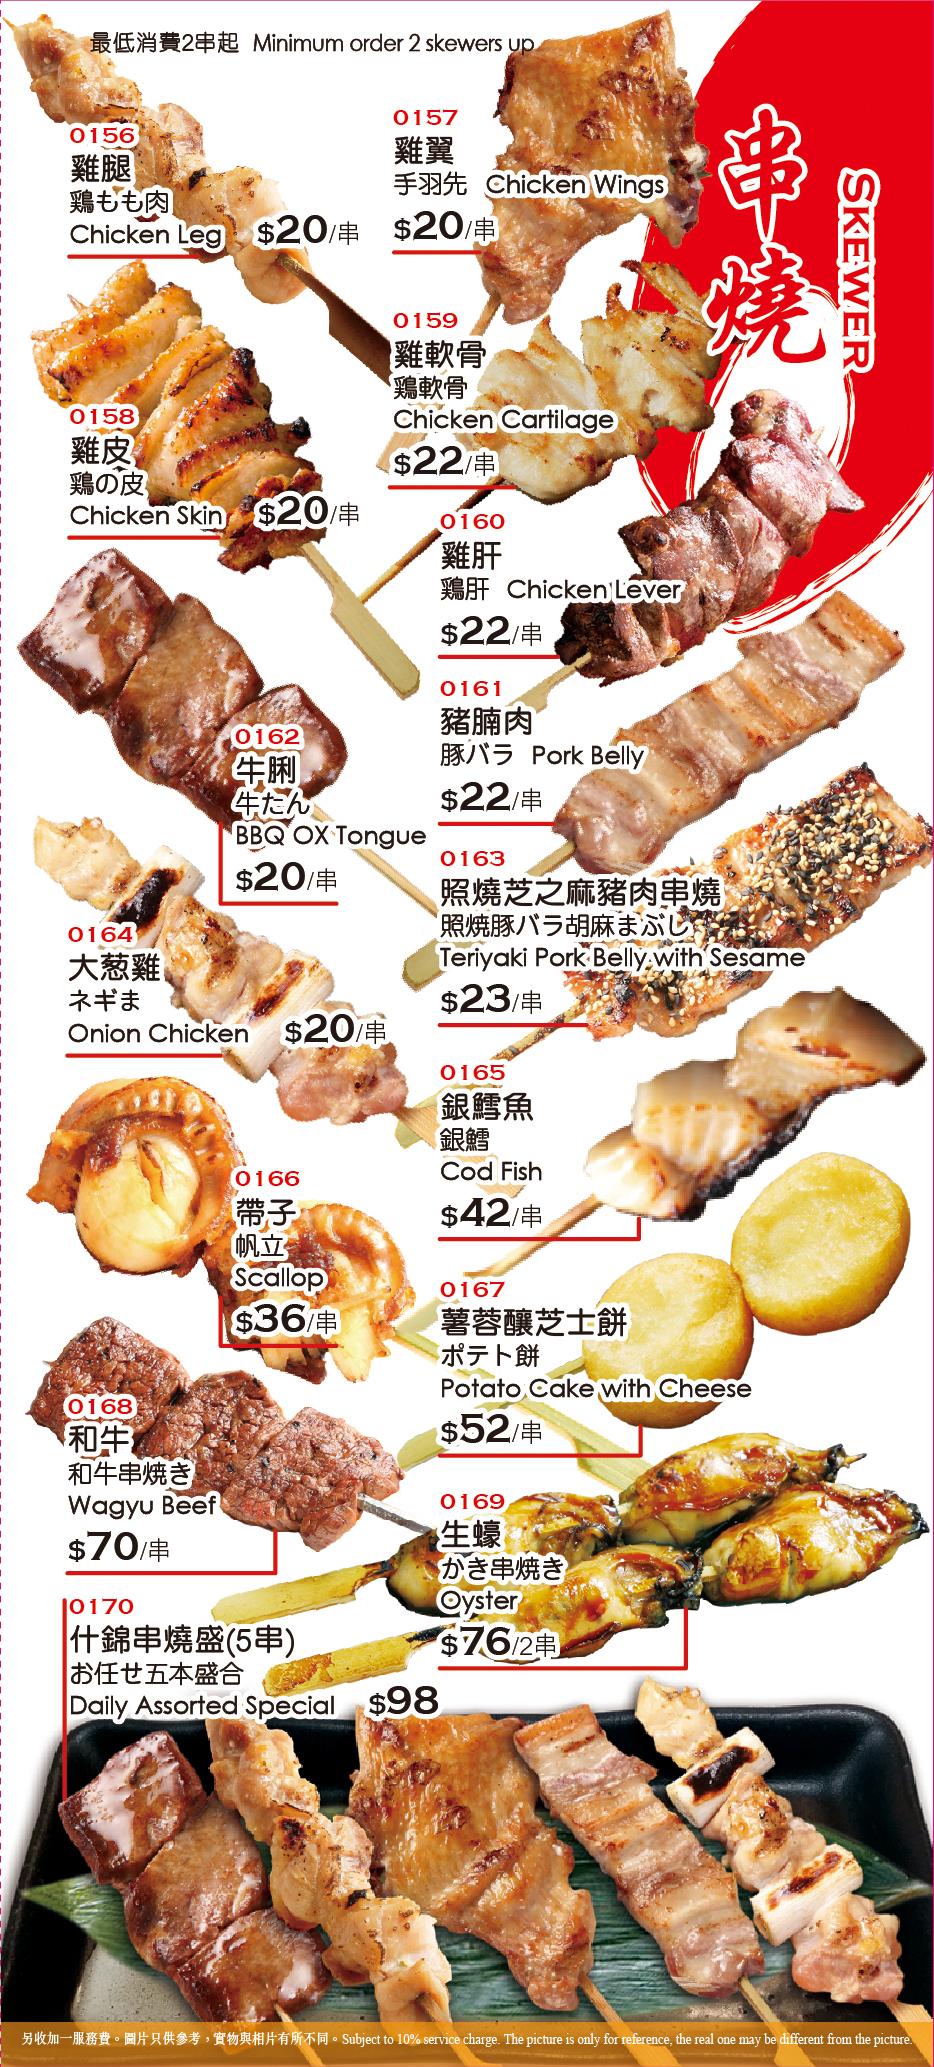 Menu_Page5